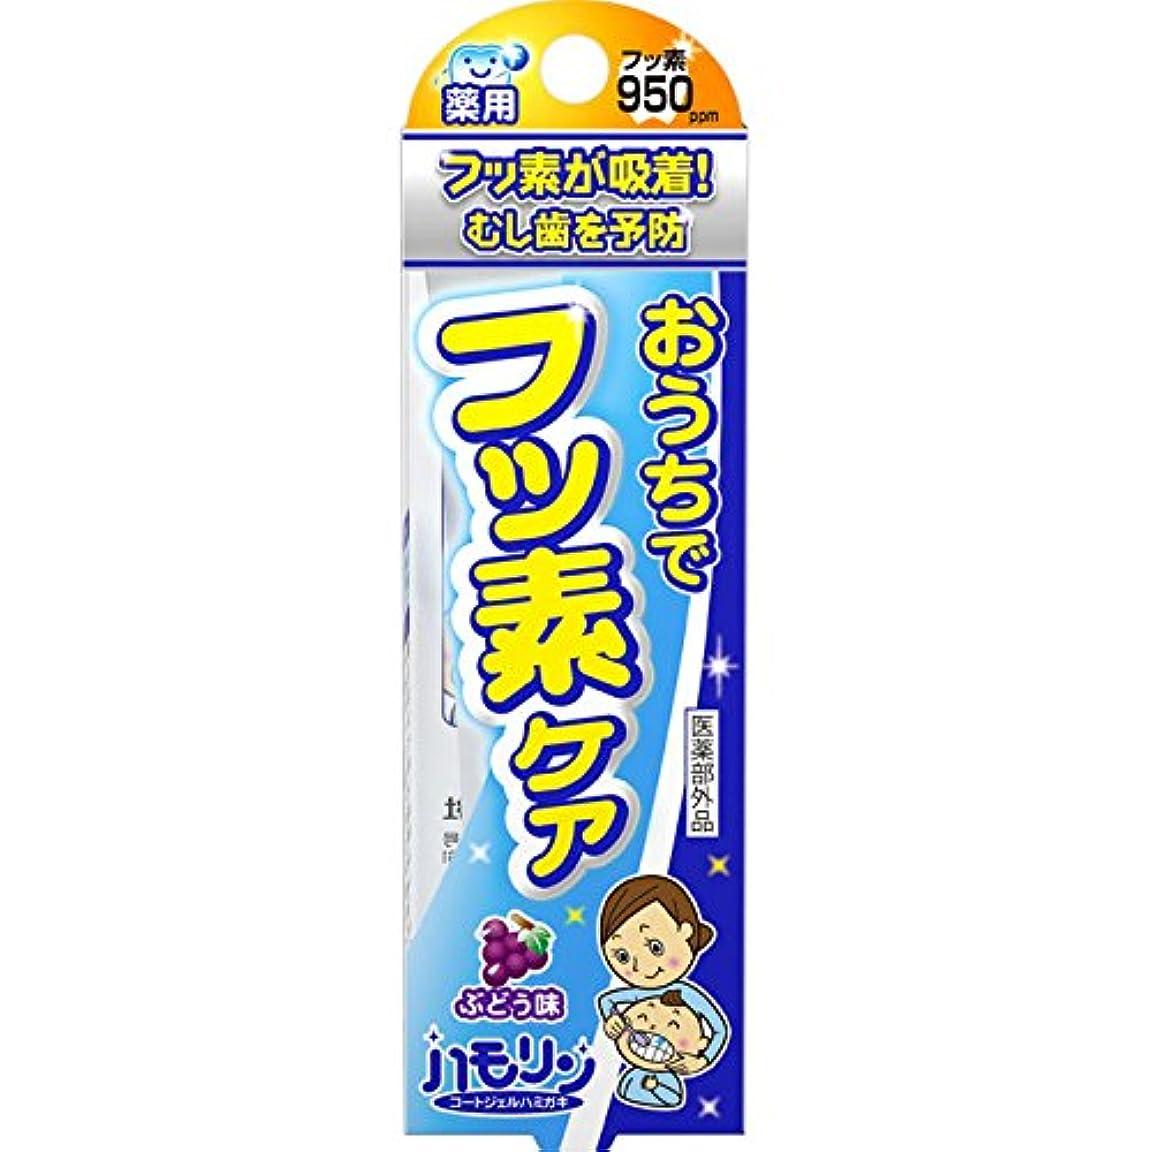 プロフィール意欲経済丹平製薬 ハモリン ぶどう味 30g